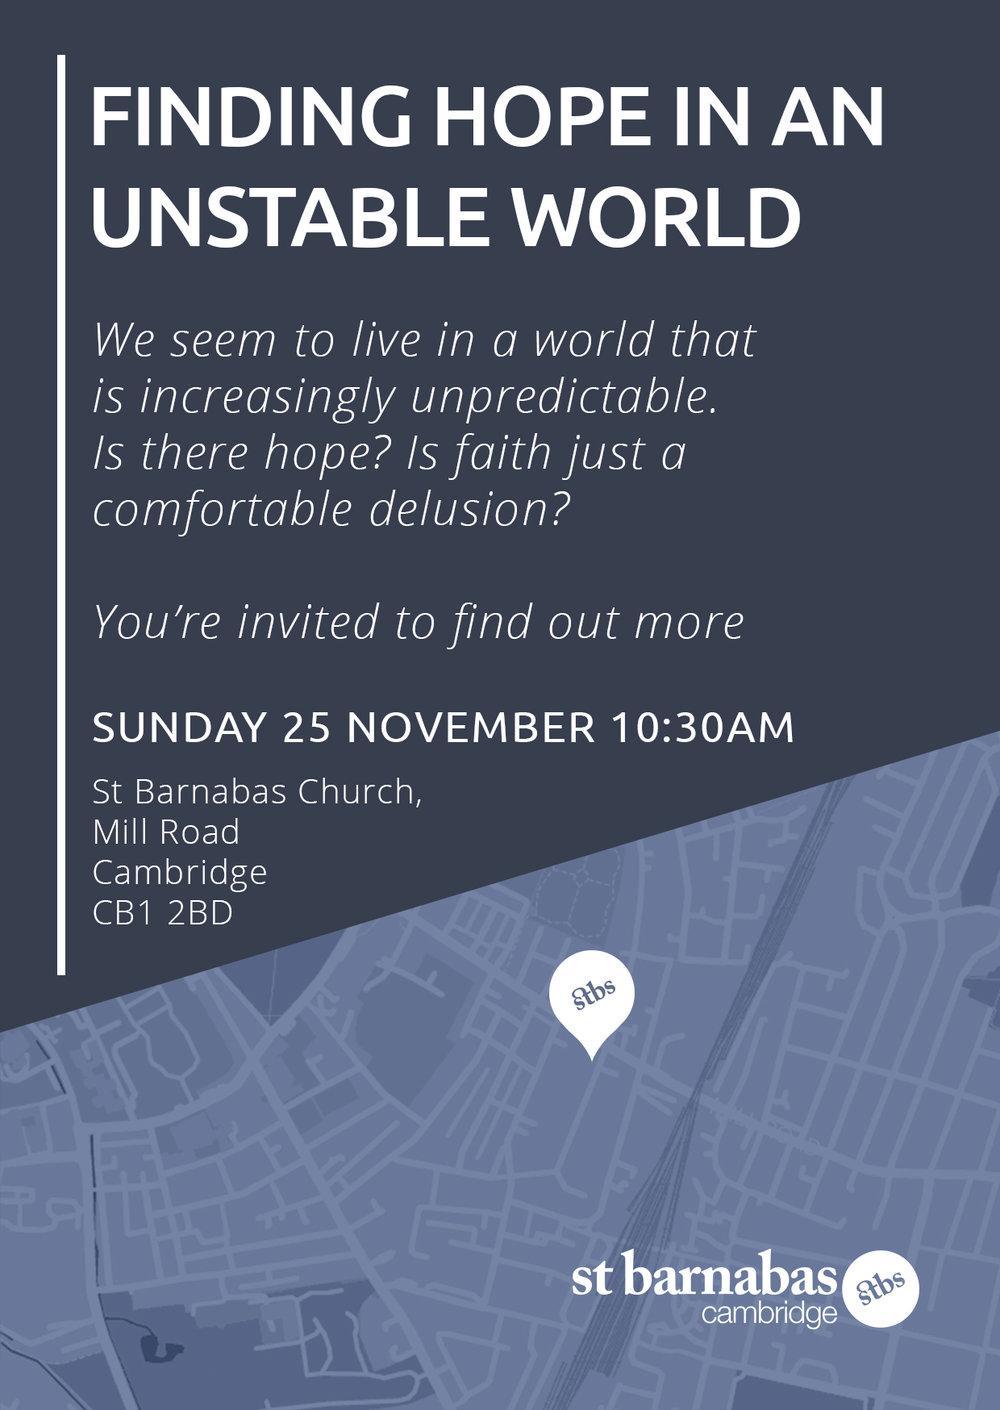 Invitation a6 flyer.jpg